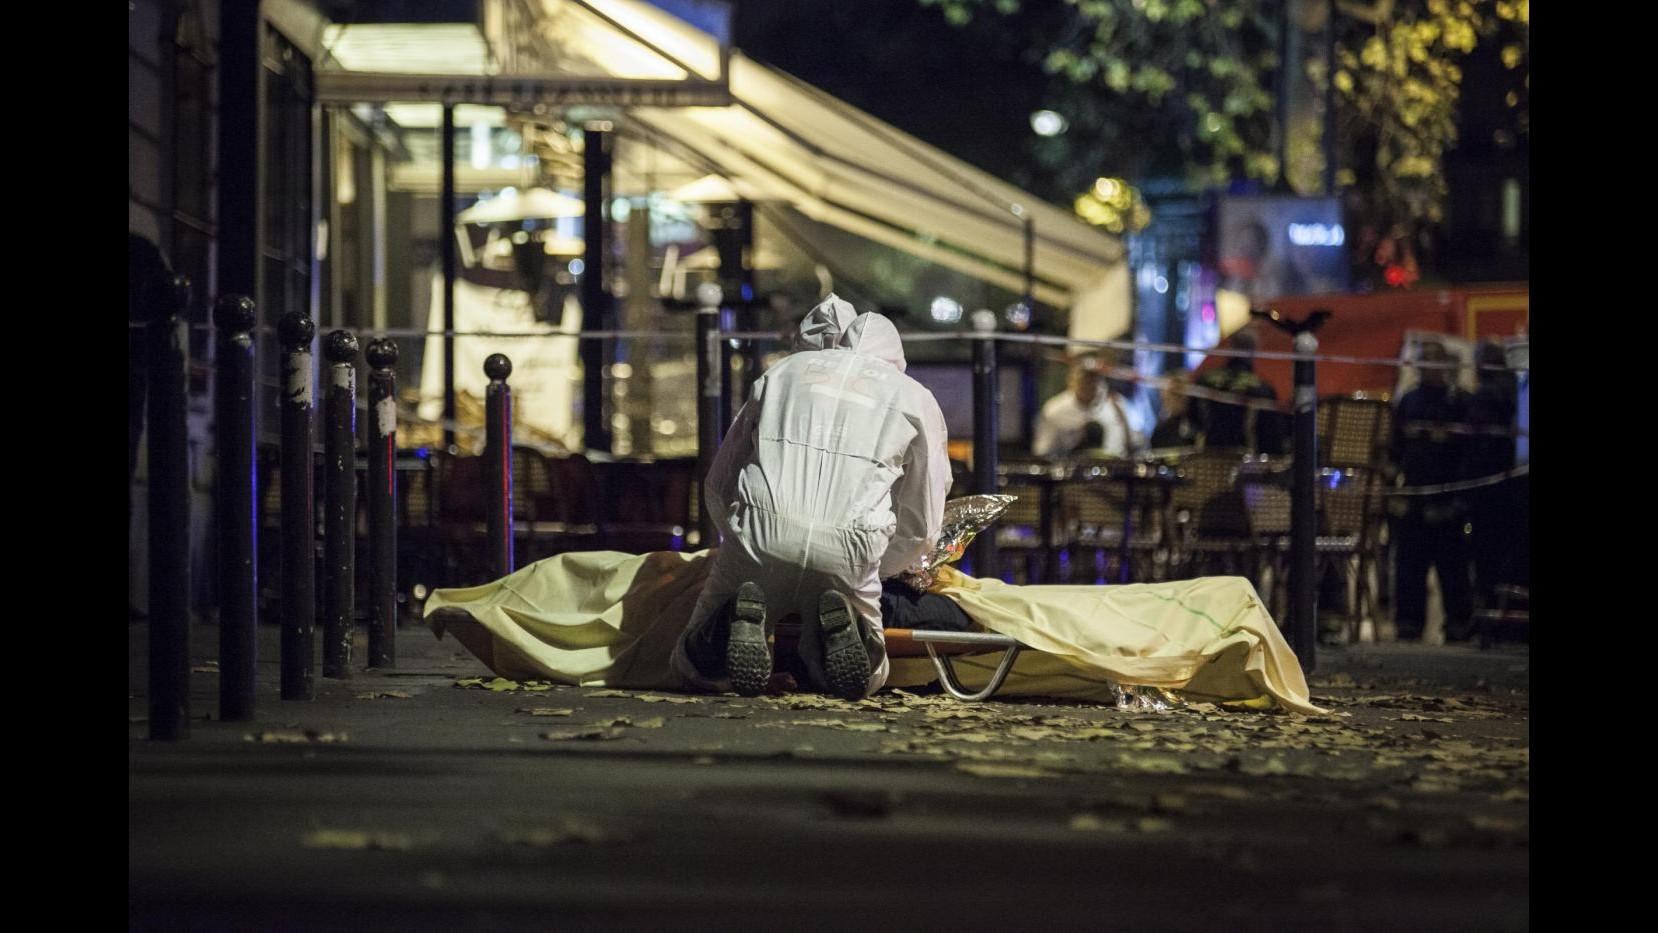 Parigi, Belgio ricerca altri 2 sospetti: avevano documenti falsi